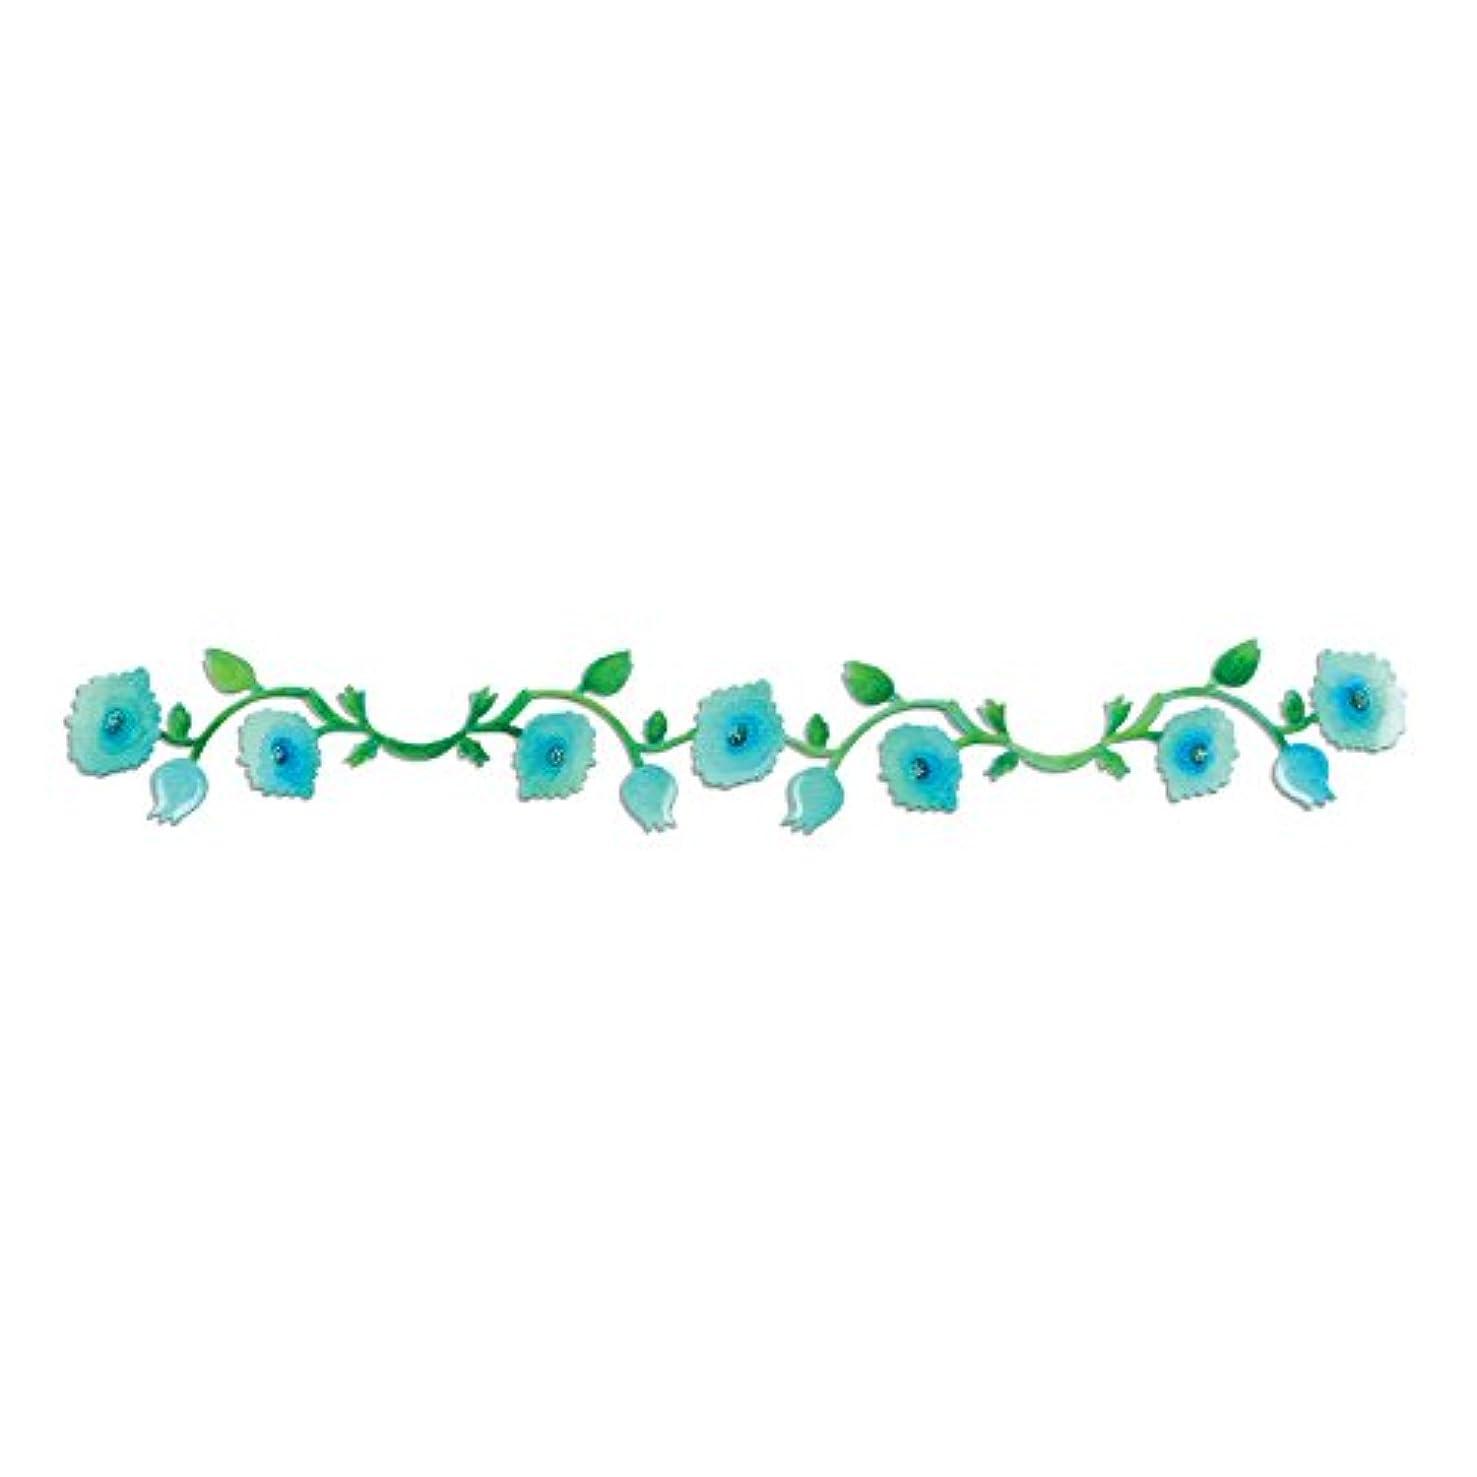 Sizzix 658511 Sizzlits Decorative Strip Die, Garden Vine by Scrappy Cat, Blue